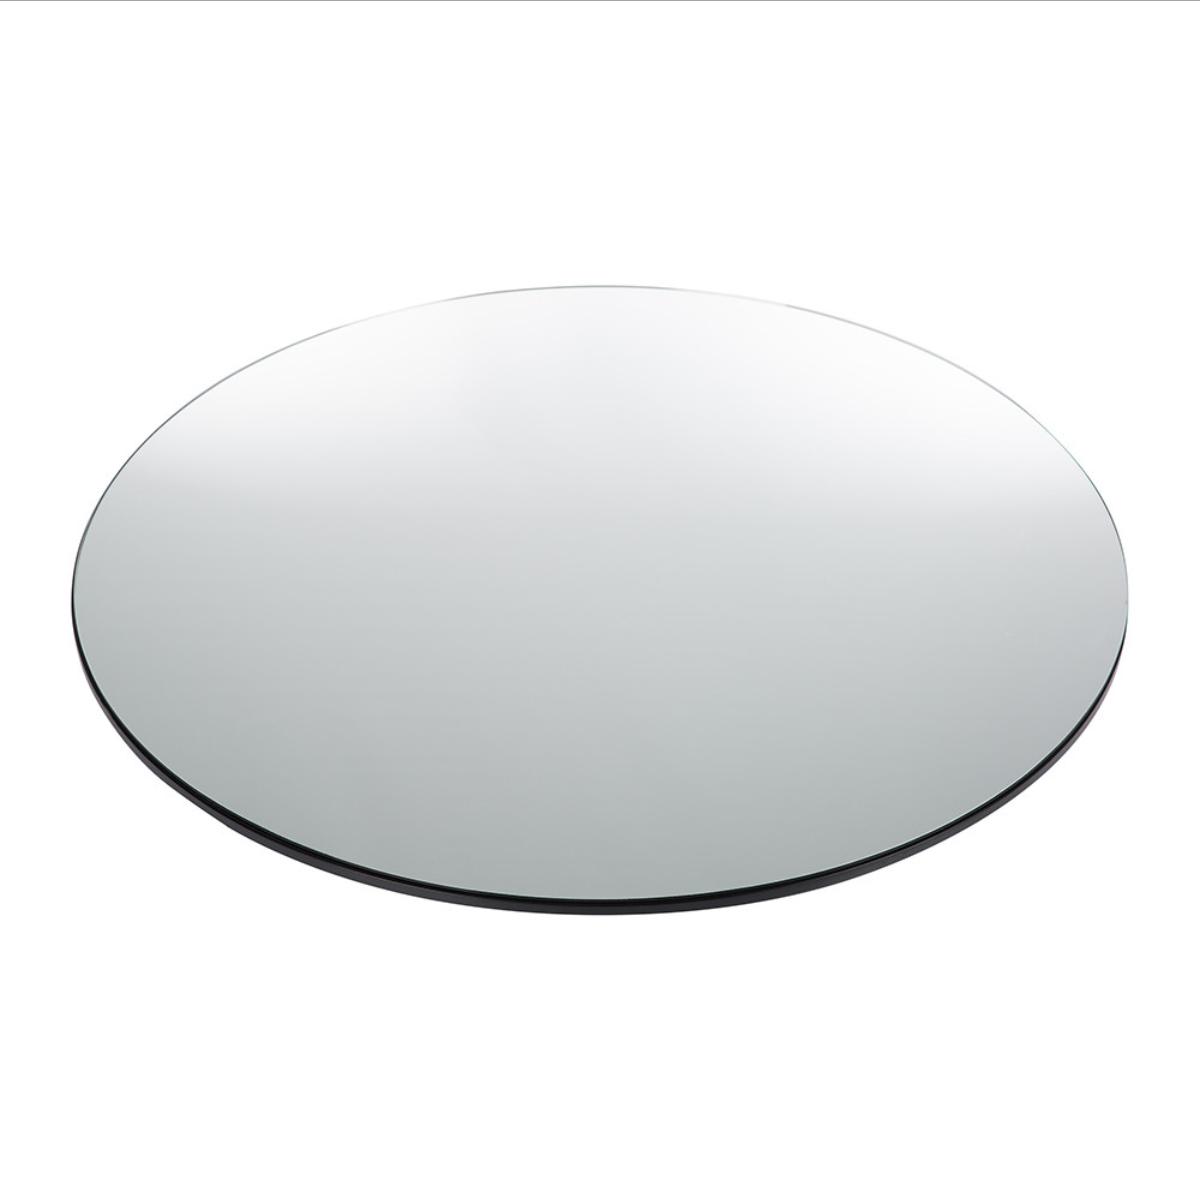 Round Mirror 30cm - Silver